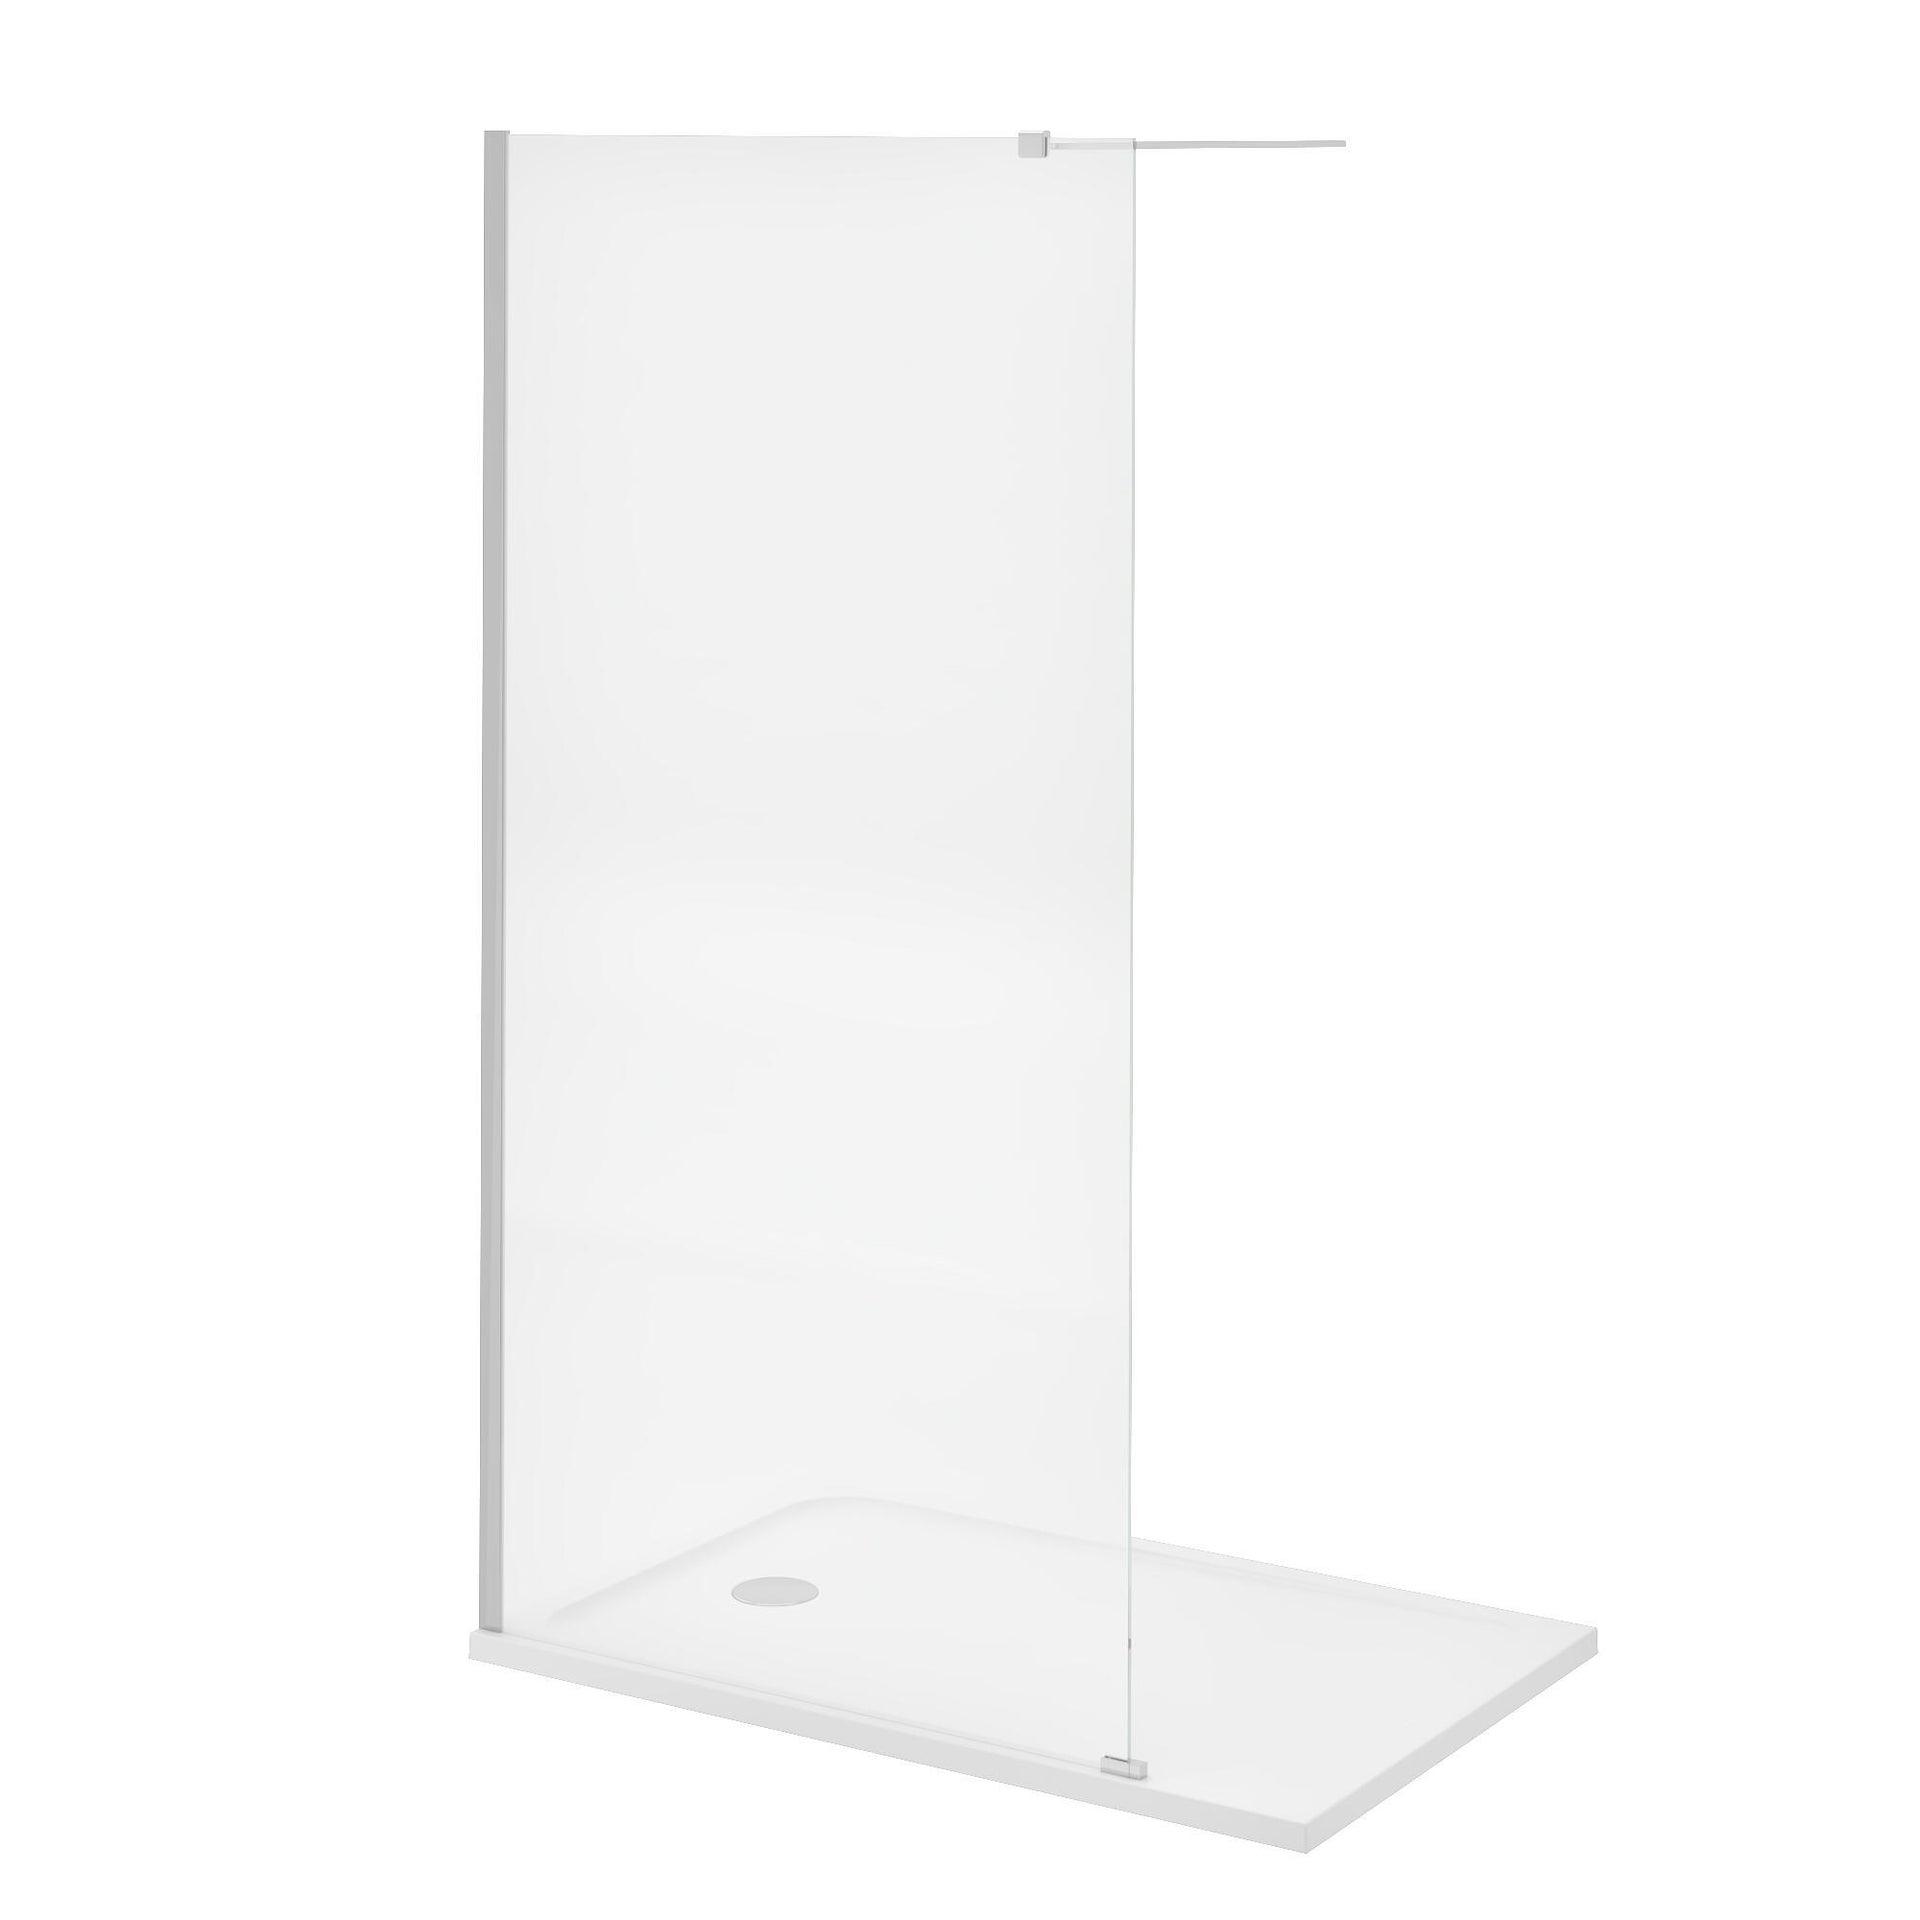 Piatto doccia resina sintetica e polvere di marmo Easy 80 x 120 cm bianco - 21